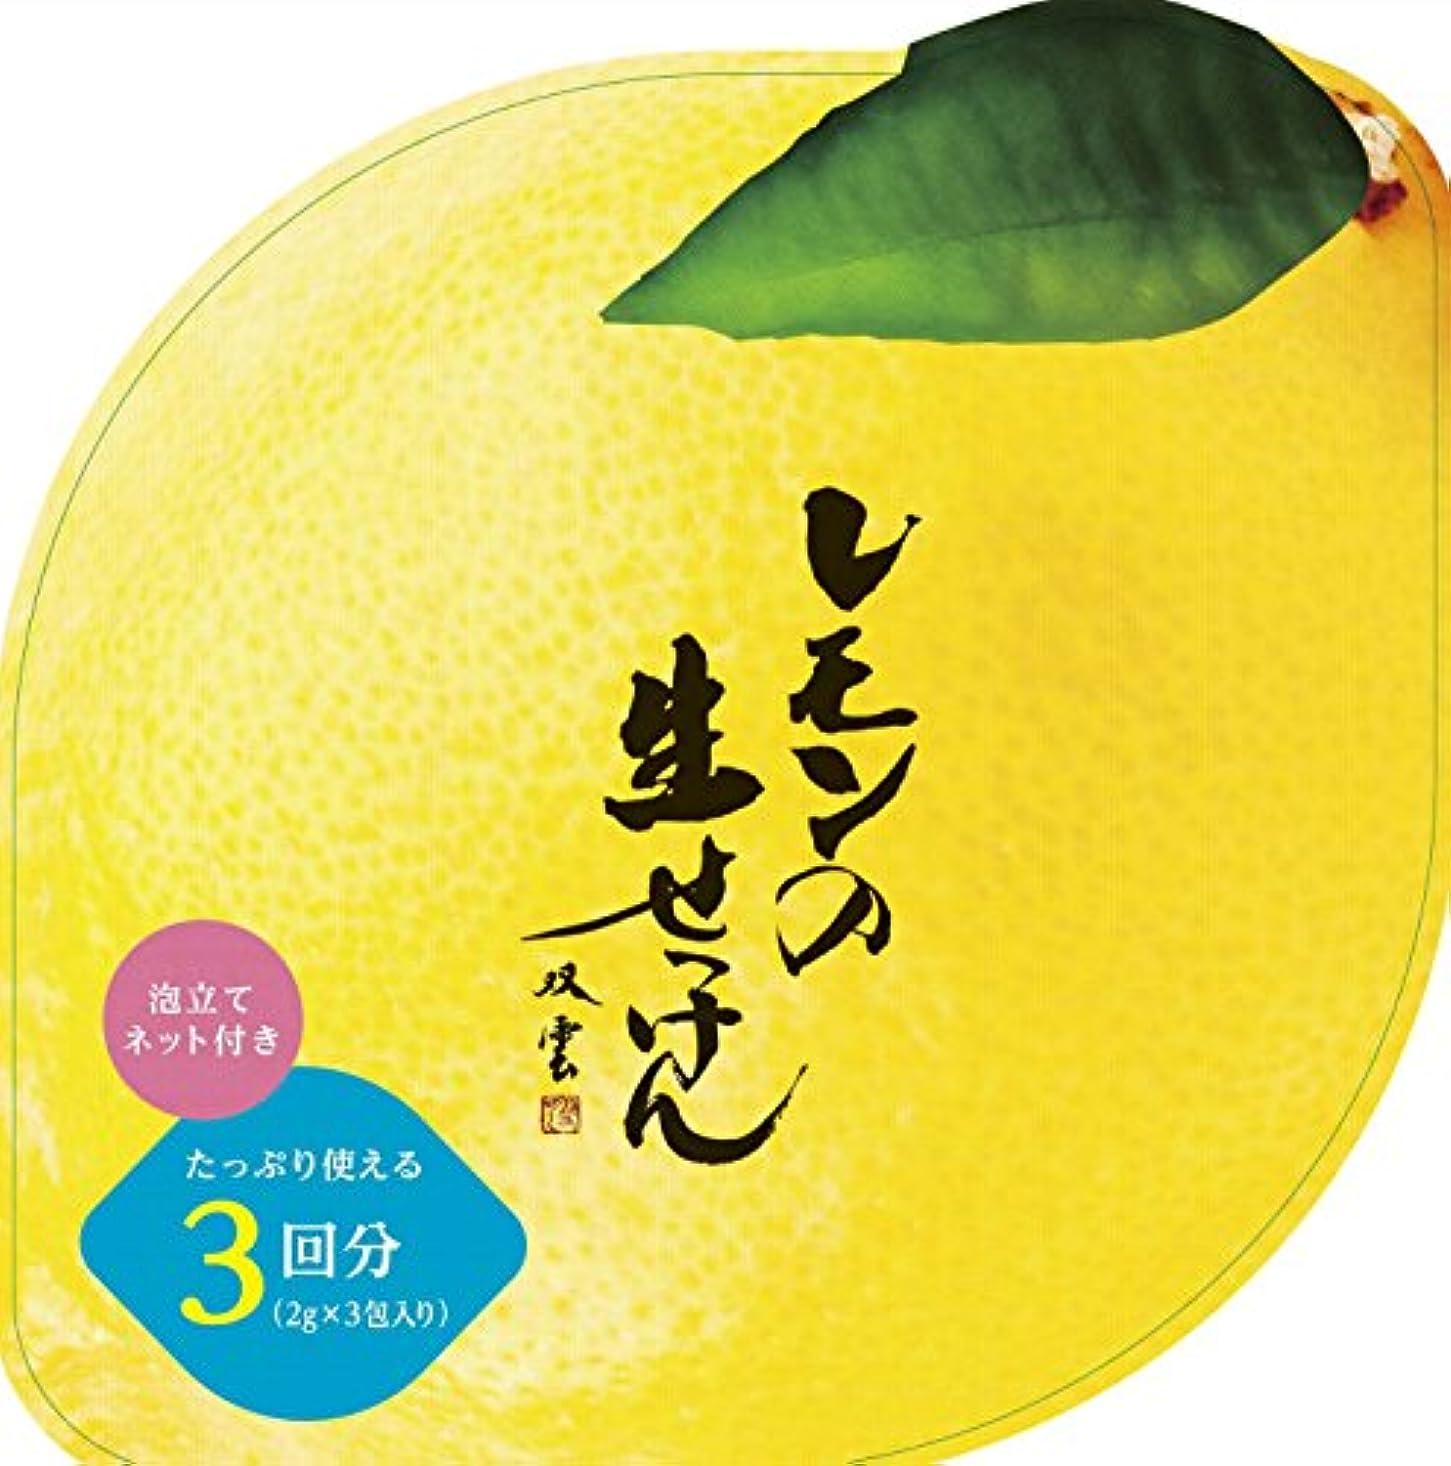 カウンタ秘密の施設美香柑 レモンの生せっけん 2g×3包入